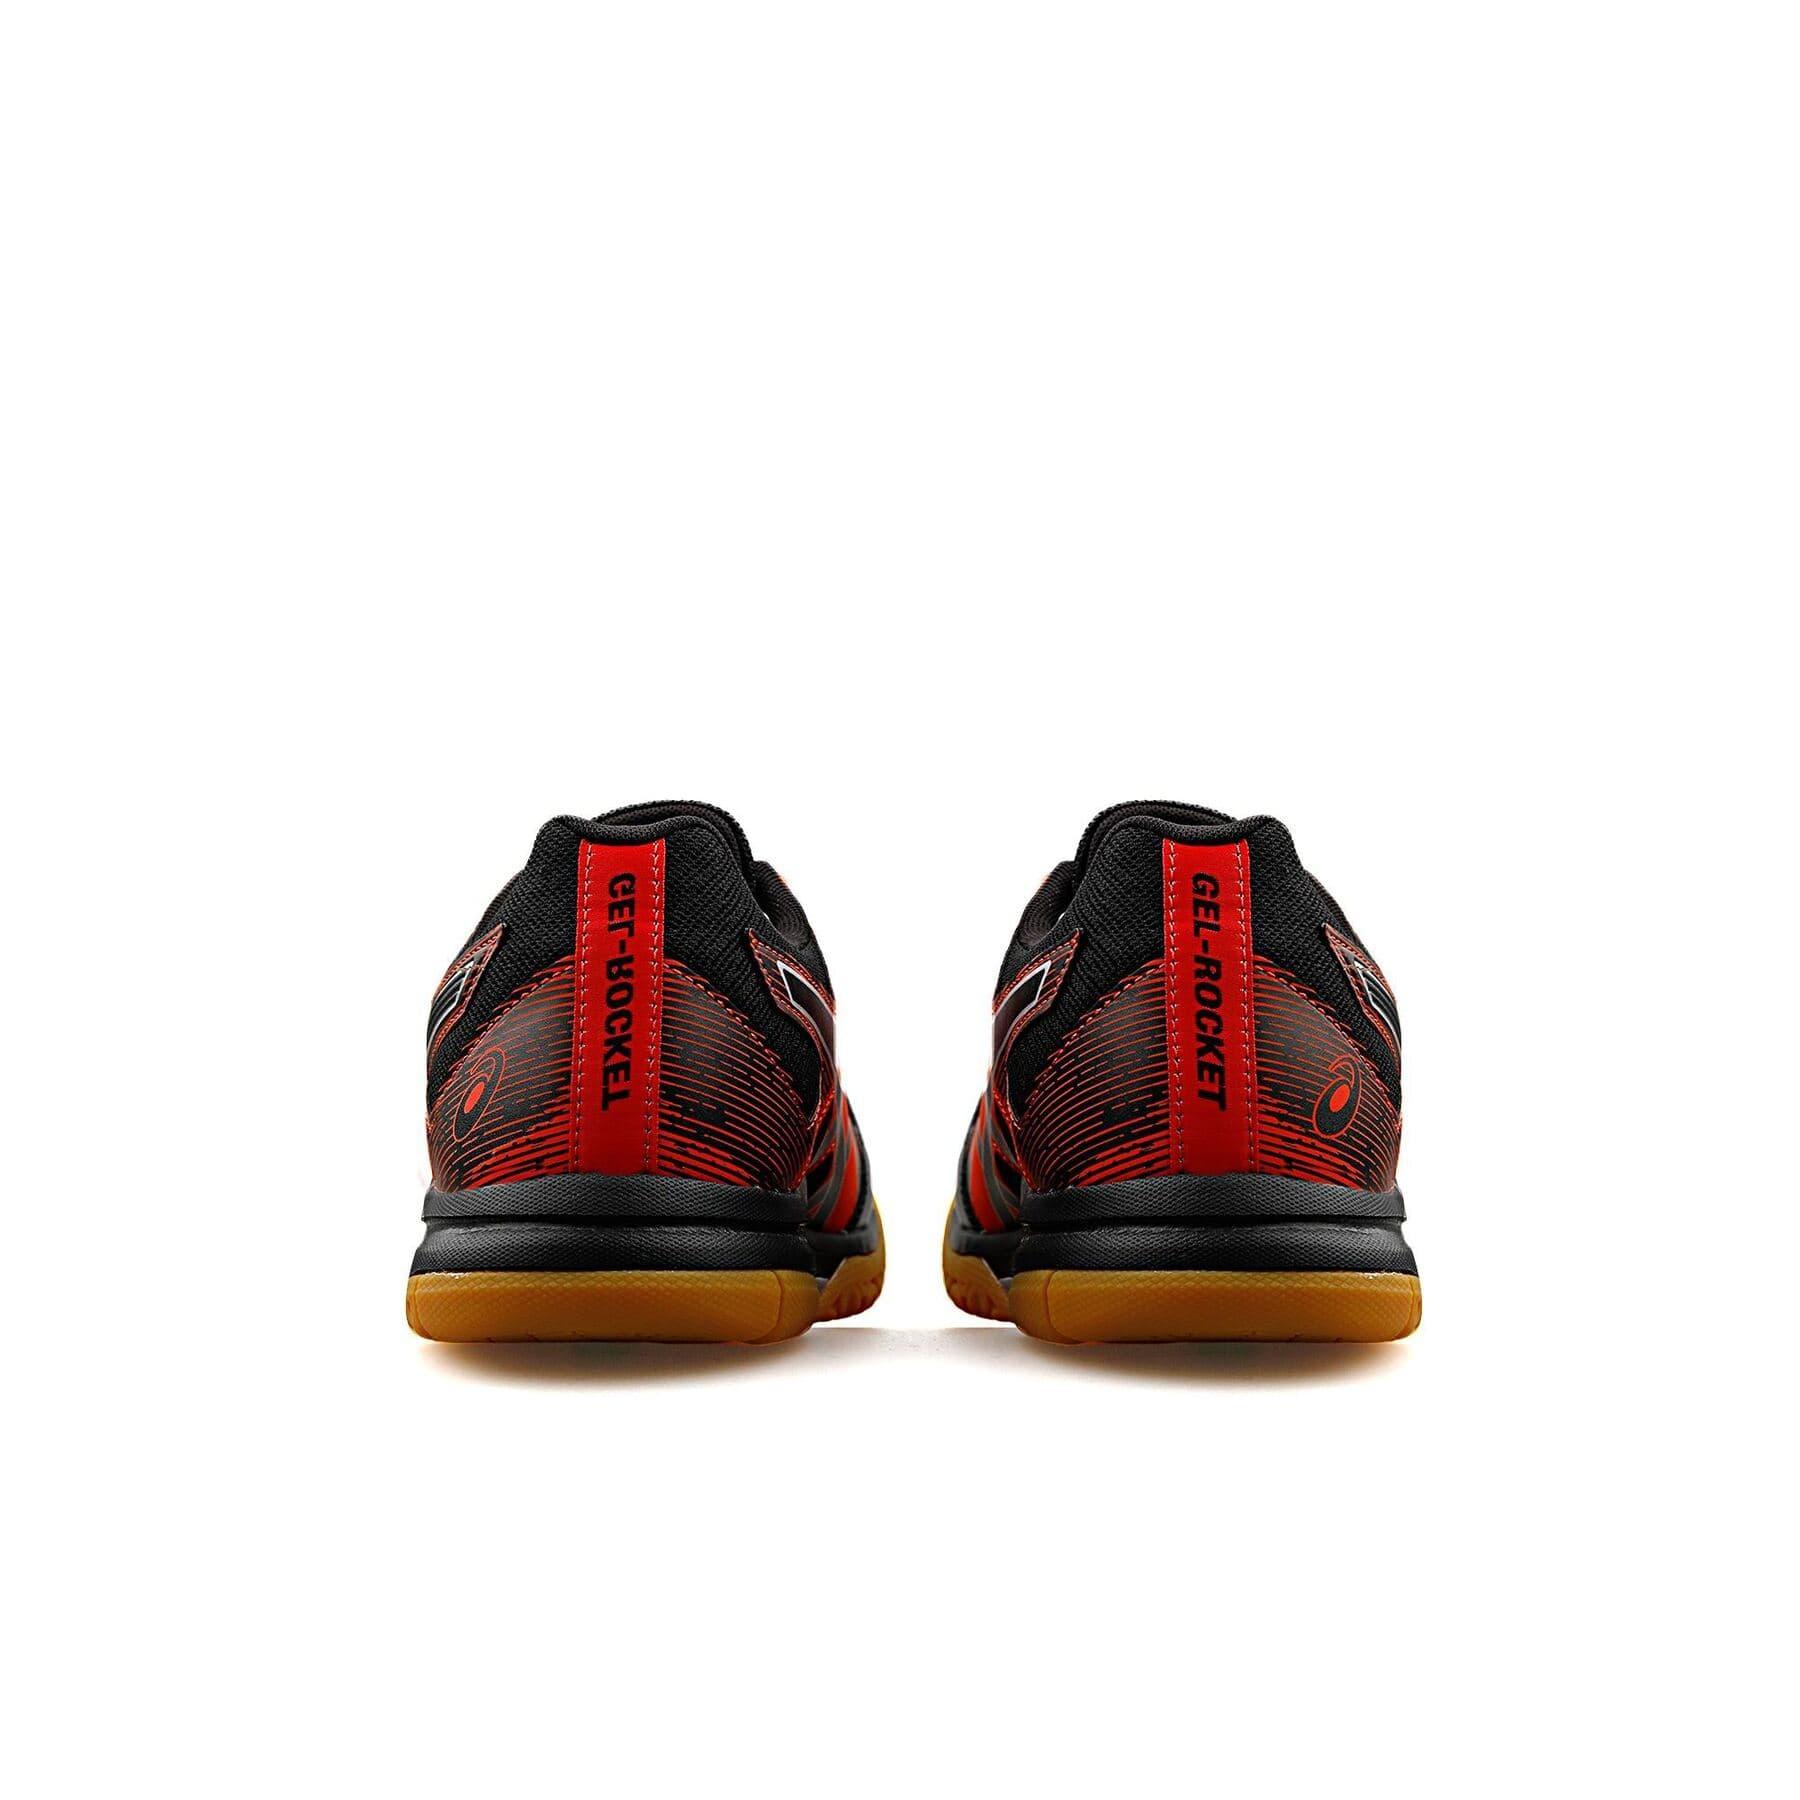 Gel-Rocket 9 Erkek Siyah Voleybol Ayakkabısı